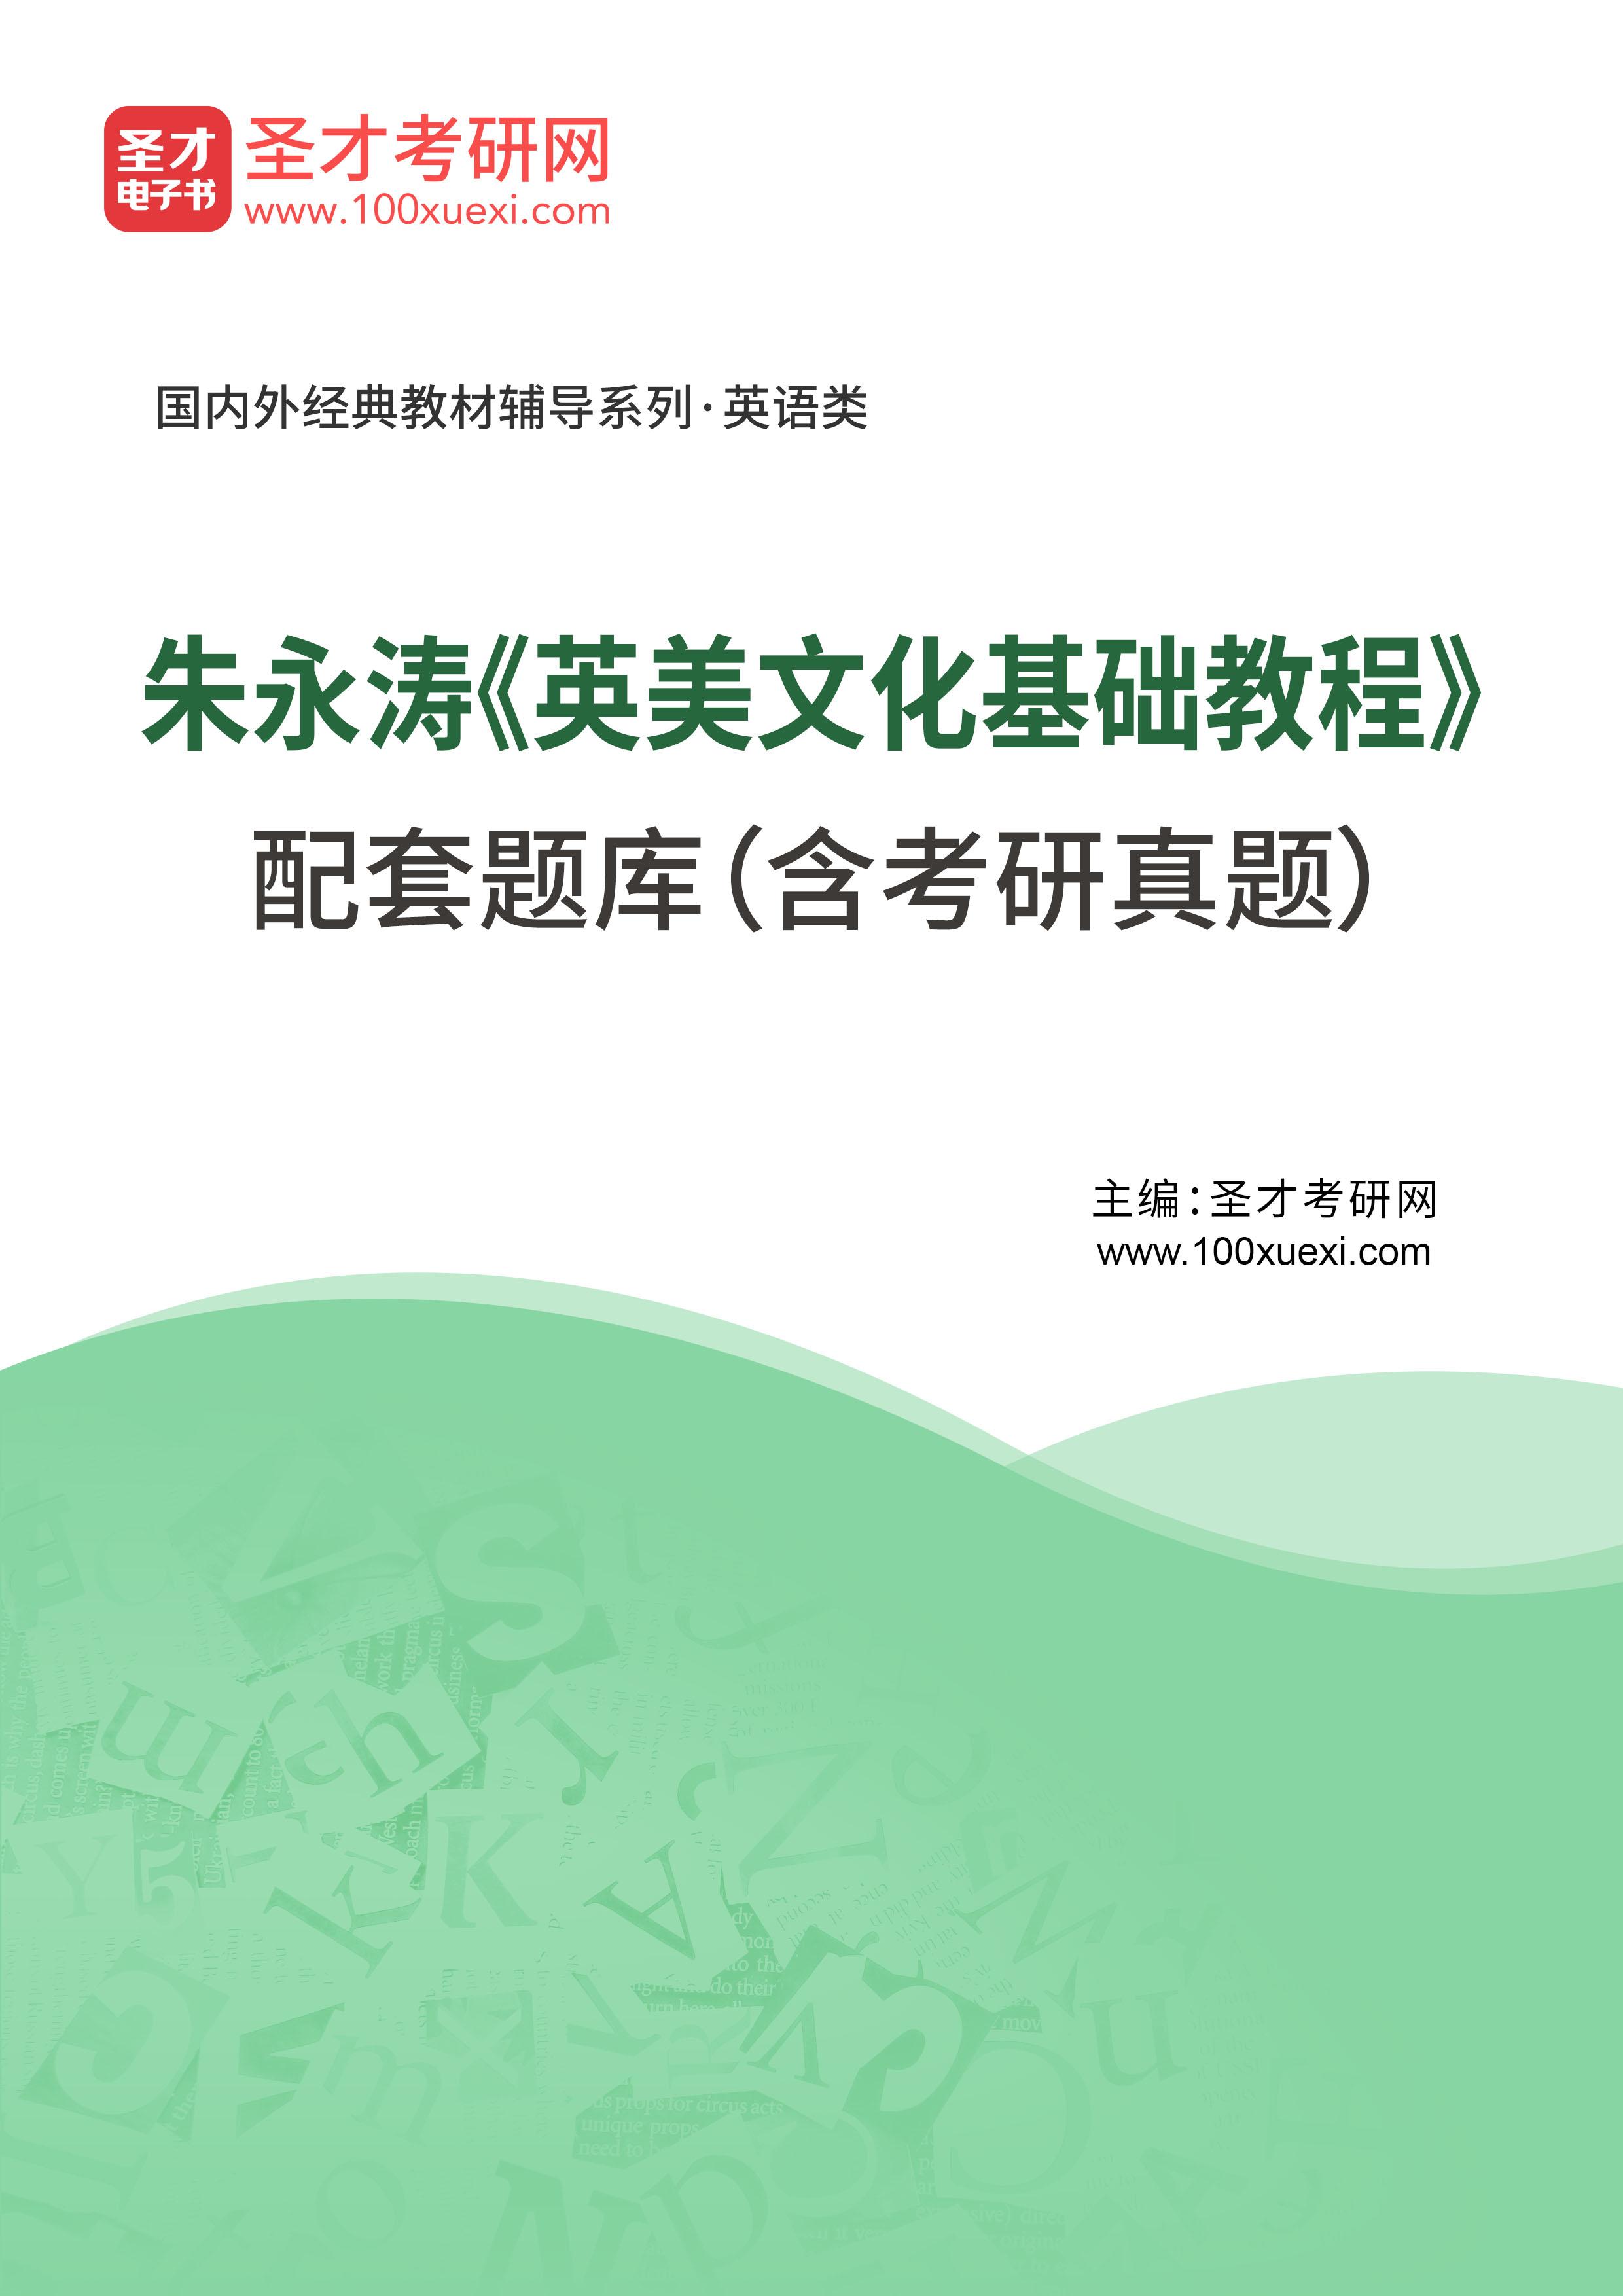 朱永涛《英美文化基础教程》配套题库(含考研真题)